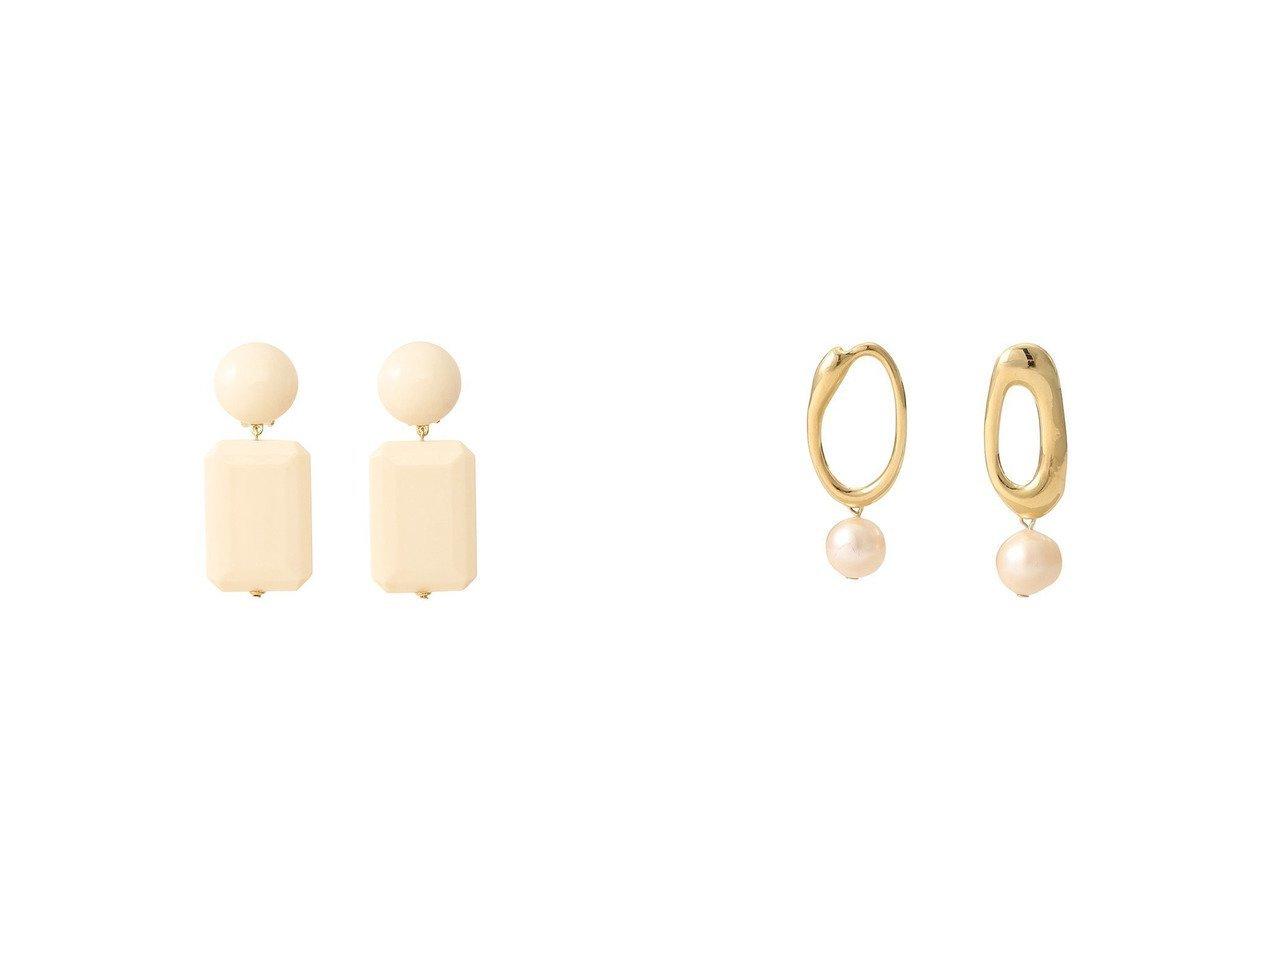 【heliopole/エリオポール】の【Francine Bramli Paris】スクエアイヤリング&【martinique/マルティニーク】の【MODERN WEAVING】oval bead drop イヤリング 【アクセサリー】おすすめ!人気、トレンド・レディースファッションの通販  おすすめで人気の流行・トレンド、ファッションの通販商品 メンズファッション・キッズファッション・インテリア・家具・レディースファッション・服の通販 founy(ファニー) https://founy.com/ ファッション Fashion レディースファッション WOMEN ジュエリー Jewelry リング Rings イヤリング Earrings 2021年 2021 2021春夏・S/S SS/Spring/Summer/2021 S/S・春夏 SS・Spring/Summer イヤリング モダン ラグジュアリー 春 Spring  ID:crp329100000027138